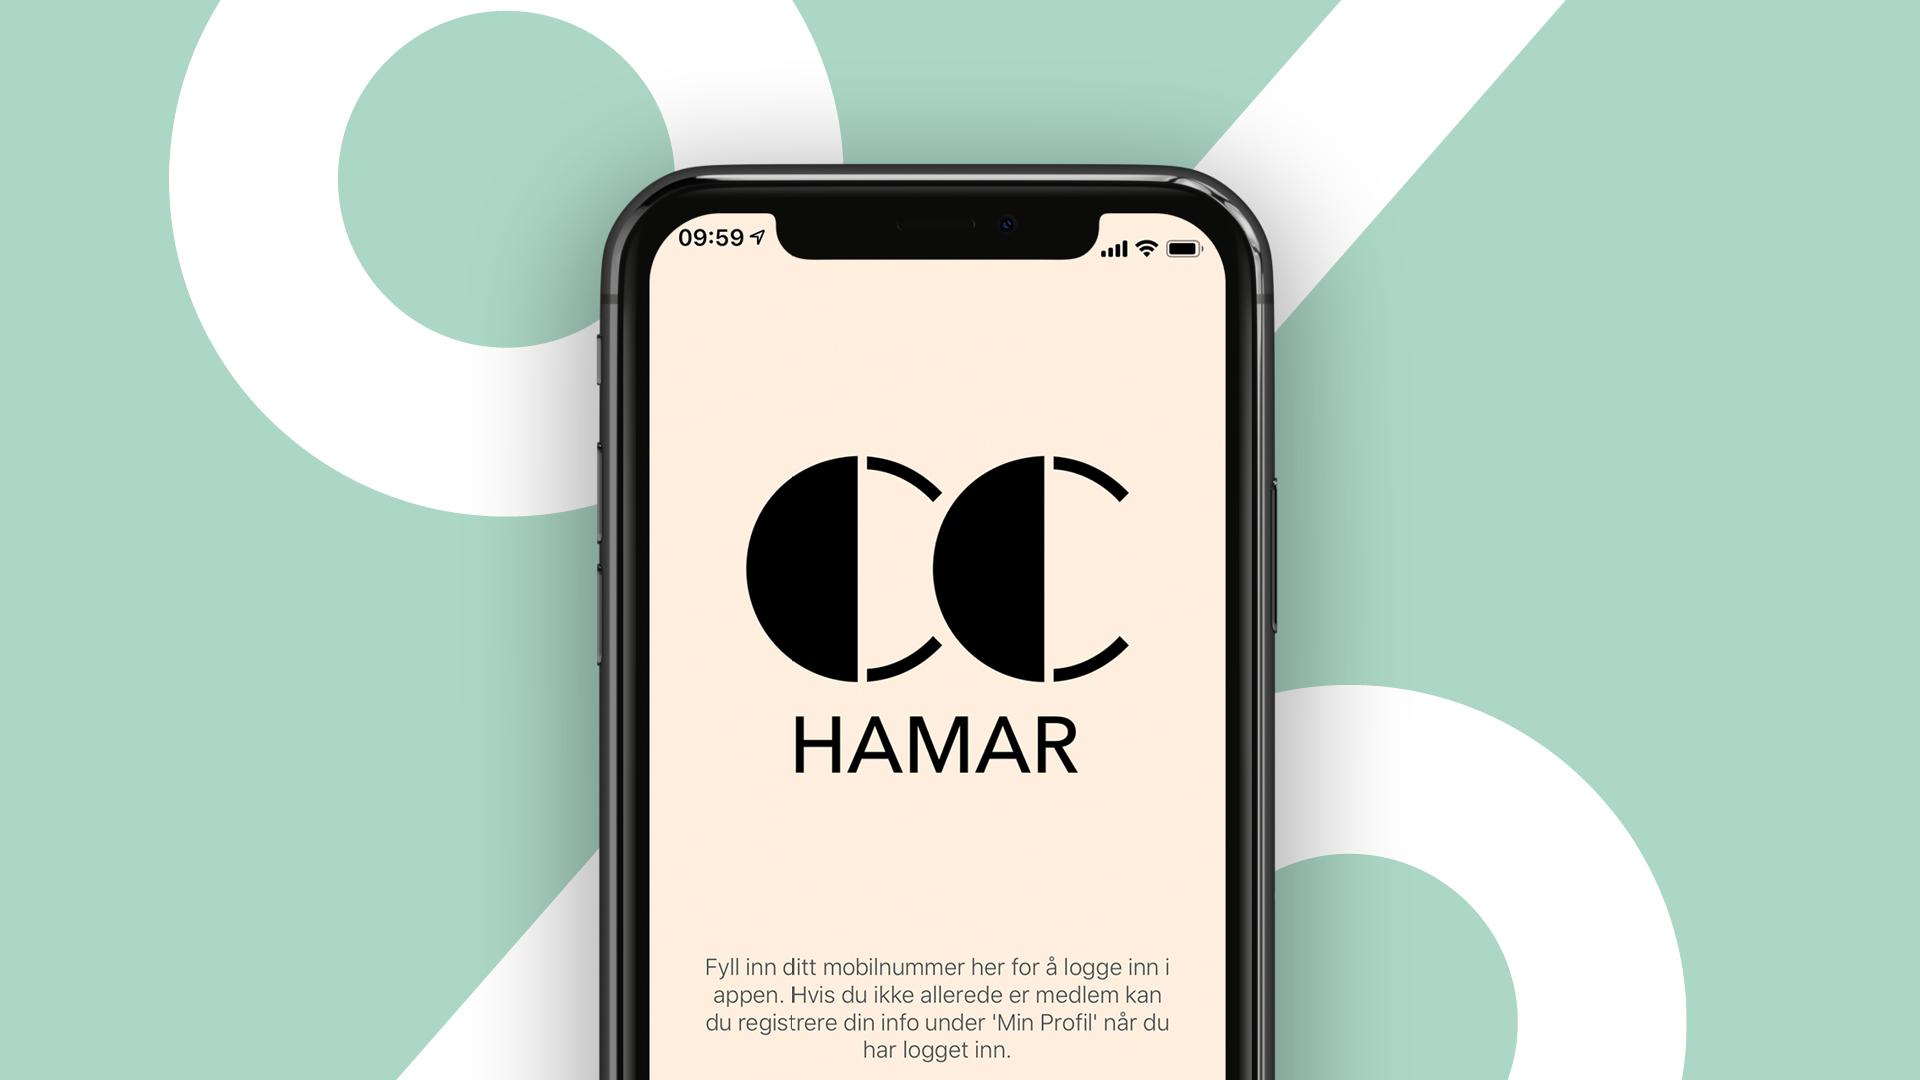 Bilde av kundeklubb app